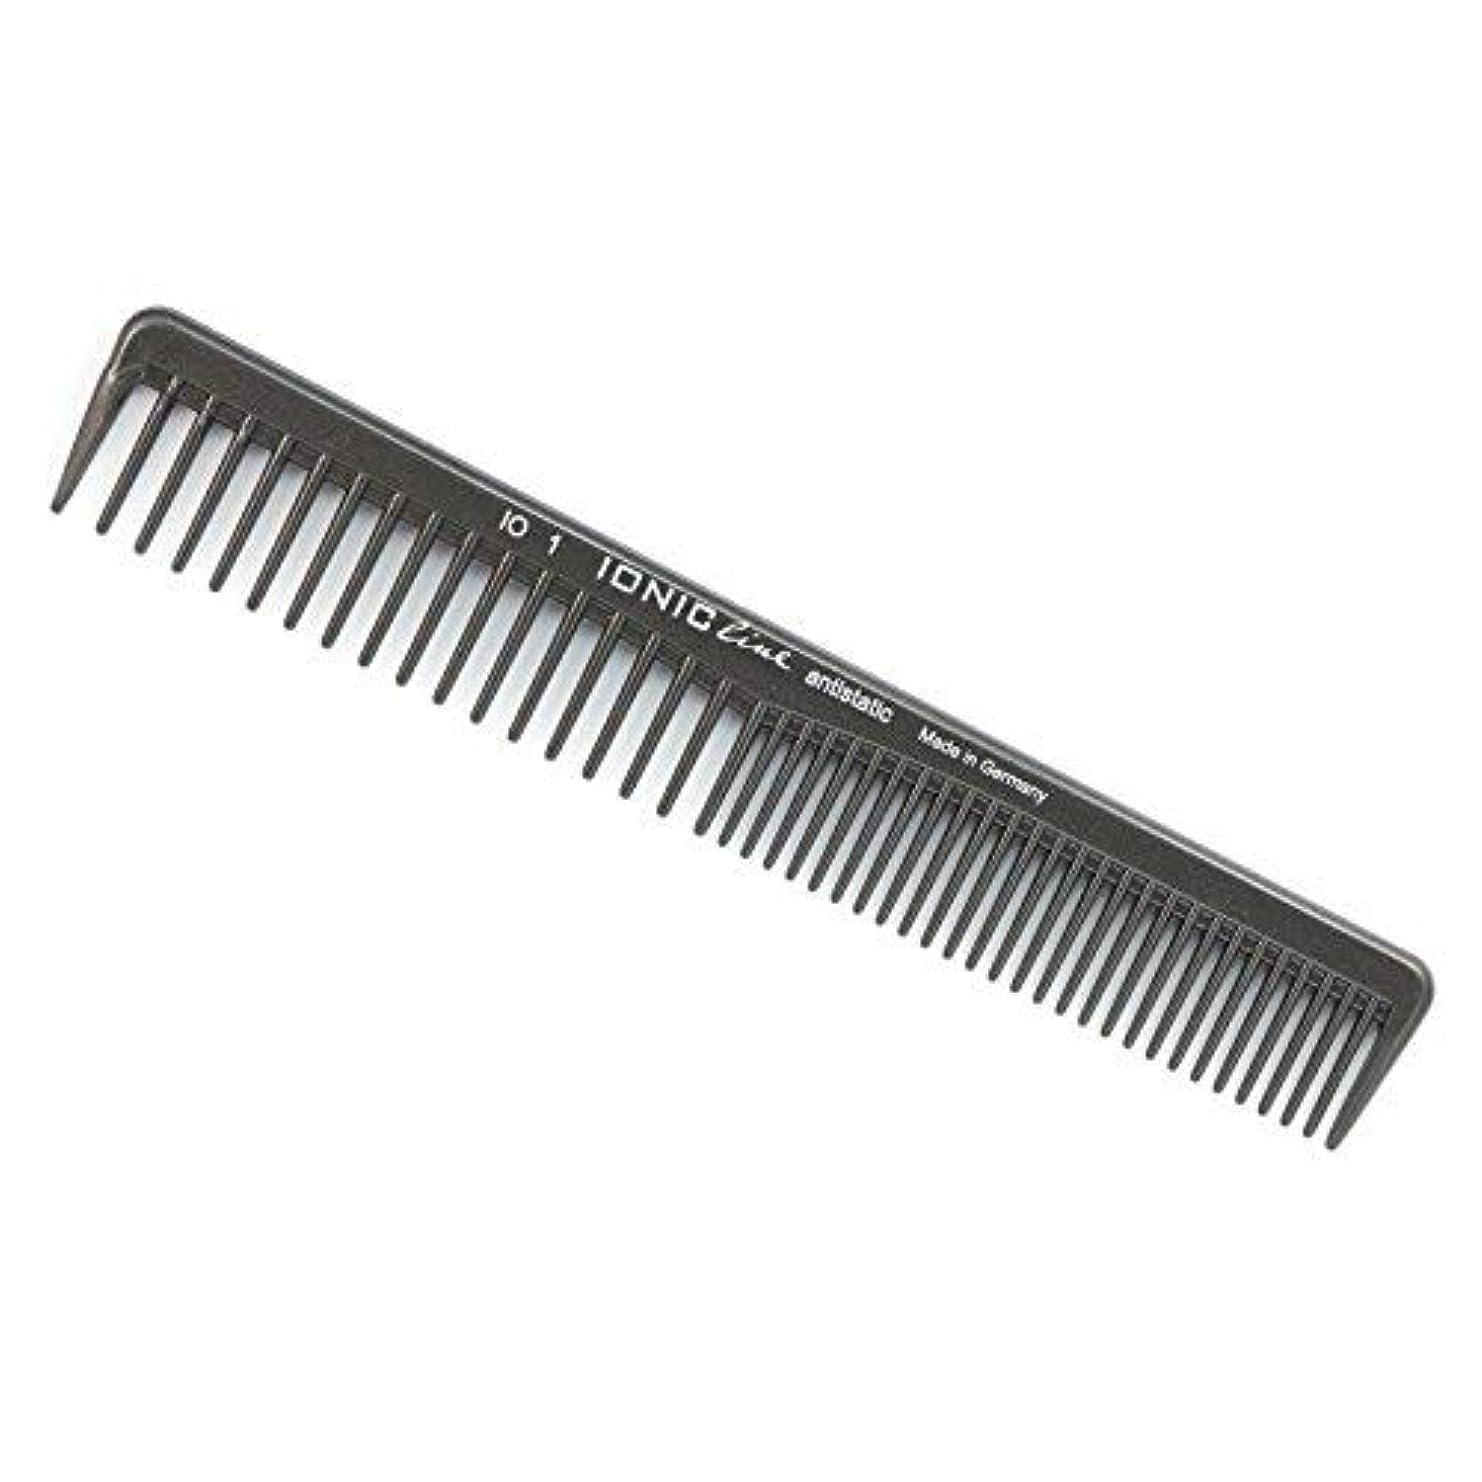 財布バック前部Hercules S?gemann Ionic Line Cutting Comb with coarse and Very coarse Teeth   Ionized Thermoplastic - Made in Germany [並行輸入品]